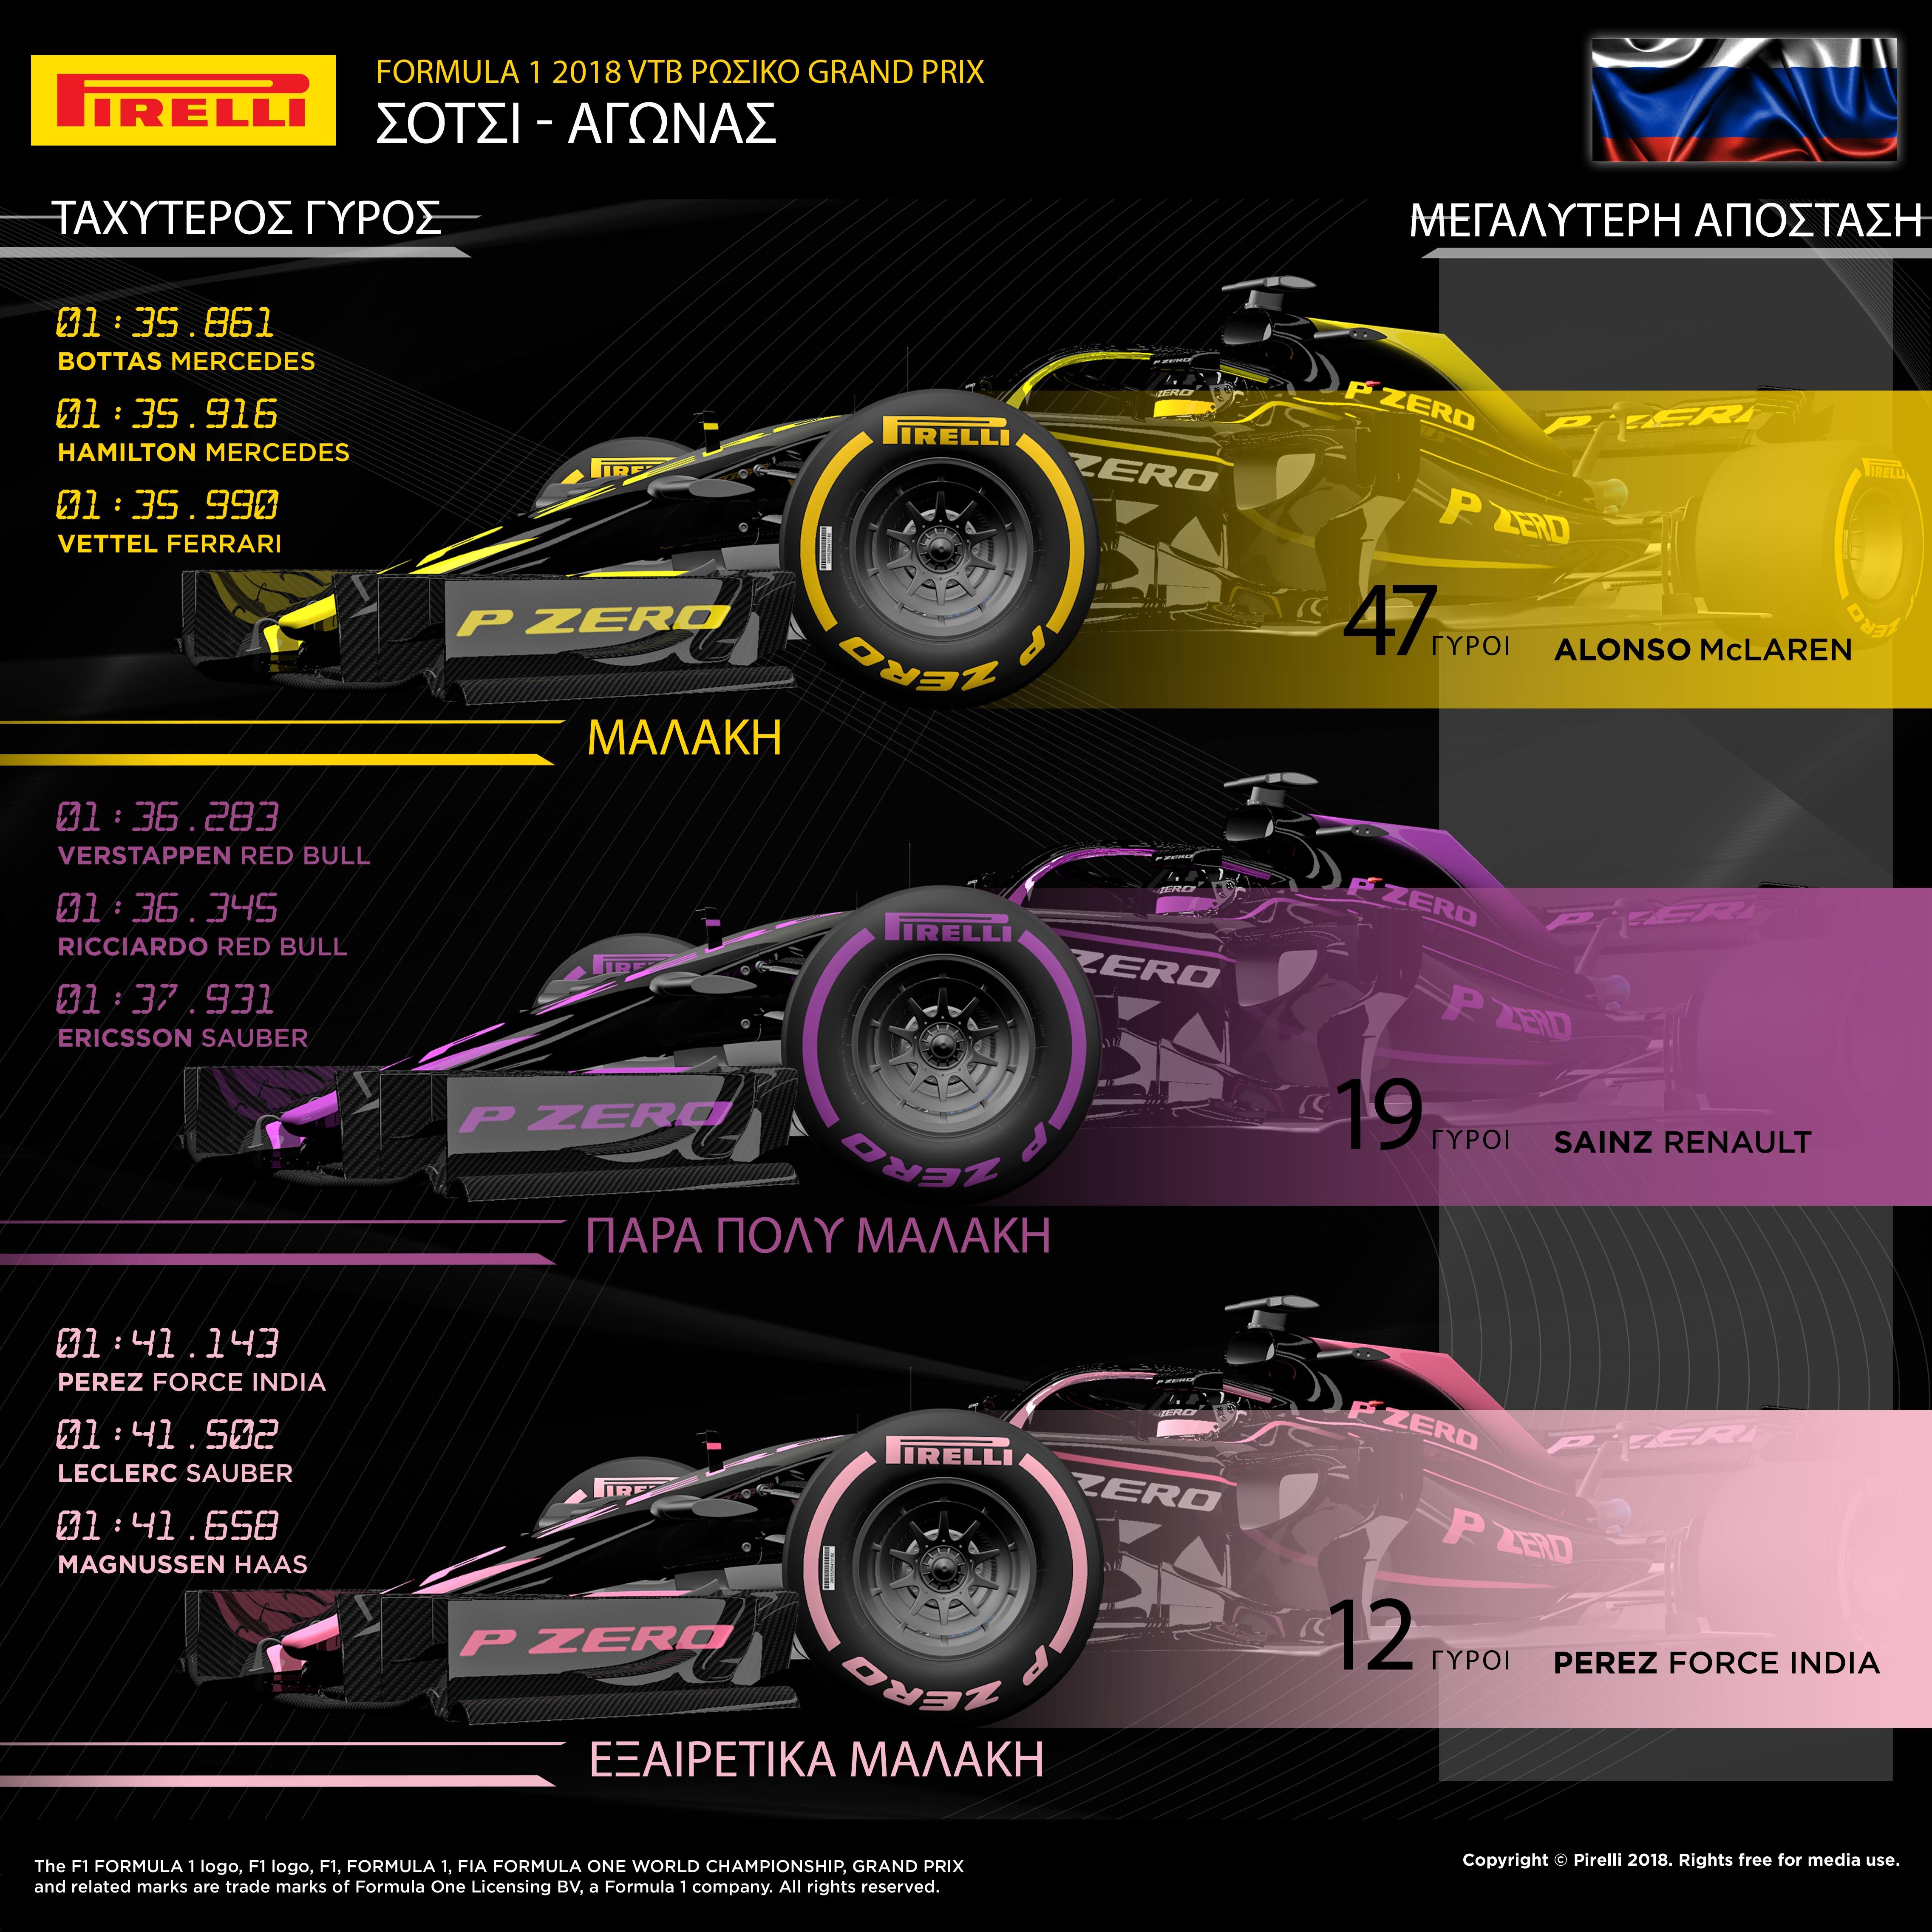 """Οι τέσσερις πρώτοι στην εκκίνηση ήταν και οι τέσσερις πρώτοι στο τερματισμό του Ρωσικού Grand Prix (σ.σ: άλλαξε ανάμεσά τους η σειρά). Ακολούθησαν ίδια στρατηγική από πάρα πολύ μαλακή σε μαλακή γόμα. Αντίθετα ο οδηγός της Red Bull, Max Verstappen τερμάτισε πέμπτος παρότι εκκινούσε από την τελευταία σειρά χρησιμοποιώντας μια εναλλακτική στρατηγική από μαλακή σε πάρα πολύ μαλακή γόμα. Μάλιστα παρέμεινε επικεφαλής του αγώνα για μεγάλο μέρος. Είδαμε κάποια παραμόρφωση στην πάρα πολύ μαλακή γόμα καθότι ο καιρός ήταν πιο κρύος απ' ότι τις προηγούμενες μέρες. Μάλιστα πριν το αγώνα είχε πέσει και βροχή αλλά κατά τη διάρκεια του, ήταν στεγνά, από την αρχή ως το τέλος. Χρησιμοποιήθηκαν και οι τρεις διαθέσιμες γόμες με θερμοκρασίες οδοστρώματος περί των 30 βαθμών Κελσίου. MARIO ISOLA - ΕΠΙΚΕΦΑΛΗΣ ΑΓΩΝΩΝ ΑΥΤΟΚΙΝΗΤΟΥ """"Δεν υπήρξαν πραγματικές εκπλήξεις κατά τη διάρκεια του αγώνα. Οι τέσσερις πρώτοι οδηγοί ακολούθησαν τη θεωρητικά ταχύτερη στρατηγική. Είδαμε όμως μια σπουδαία προσπάθεια από τον οδηγό της Red Bull, Max Verstappen αλλά και τον έτερο οδηγό της ομάδας, Daniel Ricciardο. Αμφότεροι ακολούθησαν εναλλακτική στρατηγική ώστε να ανέβουν στην εξάδα, παρότι εκκινούσαν από την τελευταία σειρά. Η πτώση απόδοσης των ελαστικών λόγω υπερθέρμανσης ήταν πολύ χαμηλή, αυτό έδωσε τη δυνατότητα σε κάποιους οδηγούς να διανύσουν μεγάλη απόσταση με τη μαλακή γόμα. Γενικά μιλώντας η απόδοση των ελαστικών στα ταχύτερα μονοθέσια που είχε ποτέ η F1, ήταν απόλυτα σύμφωνη με τις προσδοκίες μας. Είδαμε μάλιστα και ένα νέο ρεκόρ πίστας από το Valtteri Bottas στο τέλος, με τη μαλακή γόμα."""" ΚΑΛΥΤΕΡΟΙ ΧΡΟΝΟΙ ΑΝΑ ΓΟΜΑ Bottas 1m35.861s Verstappen 1m36.283s Perez 1m41.143s Hamilton 1m35.916s Ricciardo 1m36.345s Leclerc 1m41.502s Vettel 1m35.990s Ericsson 1m37.931s Magnussen 1m41.658s ΜΕΓΑΛΥΤΕΡΗ ΑΠΟΣΤΑΣΗ ΣΤΟΝ ΑΓΩΝΑ ΓΟΜΑ ΟΔΗΓΟΣ ΓΥΡΟΙ ΜΑΛΑΚΗ Alonso 47 ΠΑΡΑ ΠΟΛΥ ΜΑΛΑΚΗ Sainz 19 ΕΞΑΙΡΕΤΙΚΑ ΜΑΛΑΚΗ Perez 12 ΣΤΡΑΤΗΓΙΚΗ ΤΟΥ ΝΙΚΗΤΗ Ο Lewis Hamilton κέρδισε στον αγώνα με στρατηγική ενός πιτ στοπ. Άλλαξε από πάρα πο"""